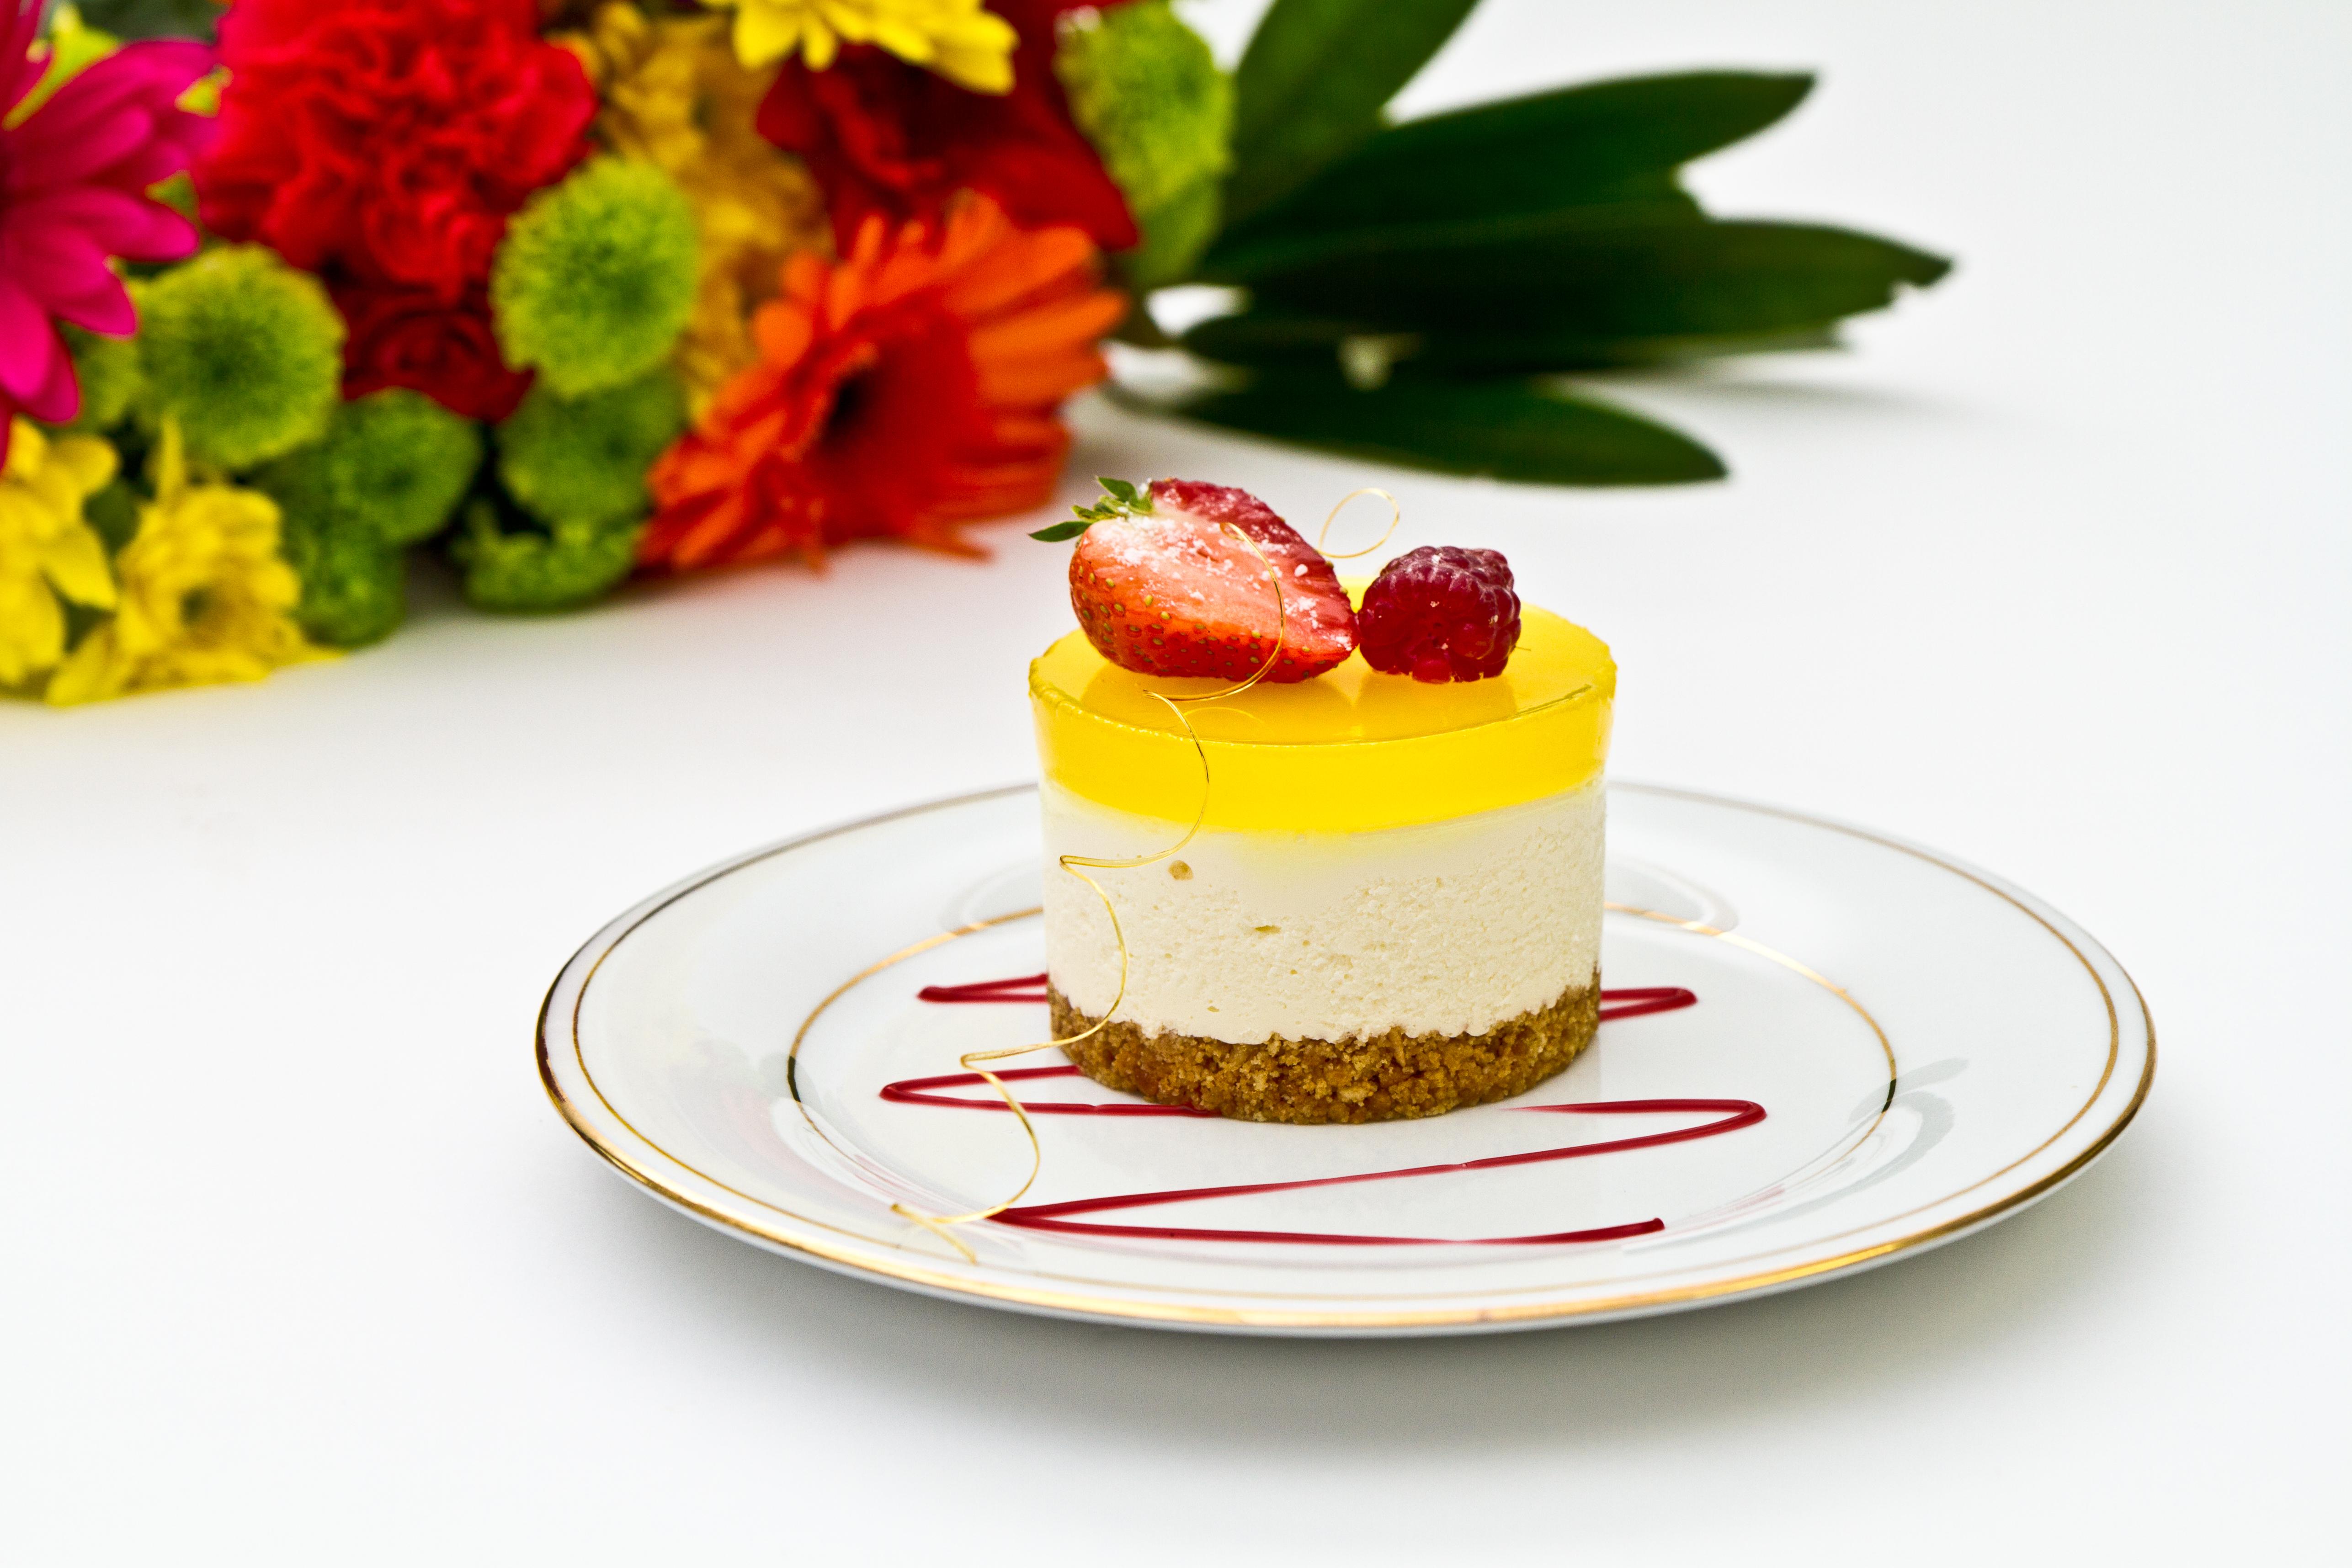 пирожное клубника тарелка десерт  № 3679704 бесплатно